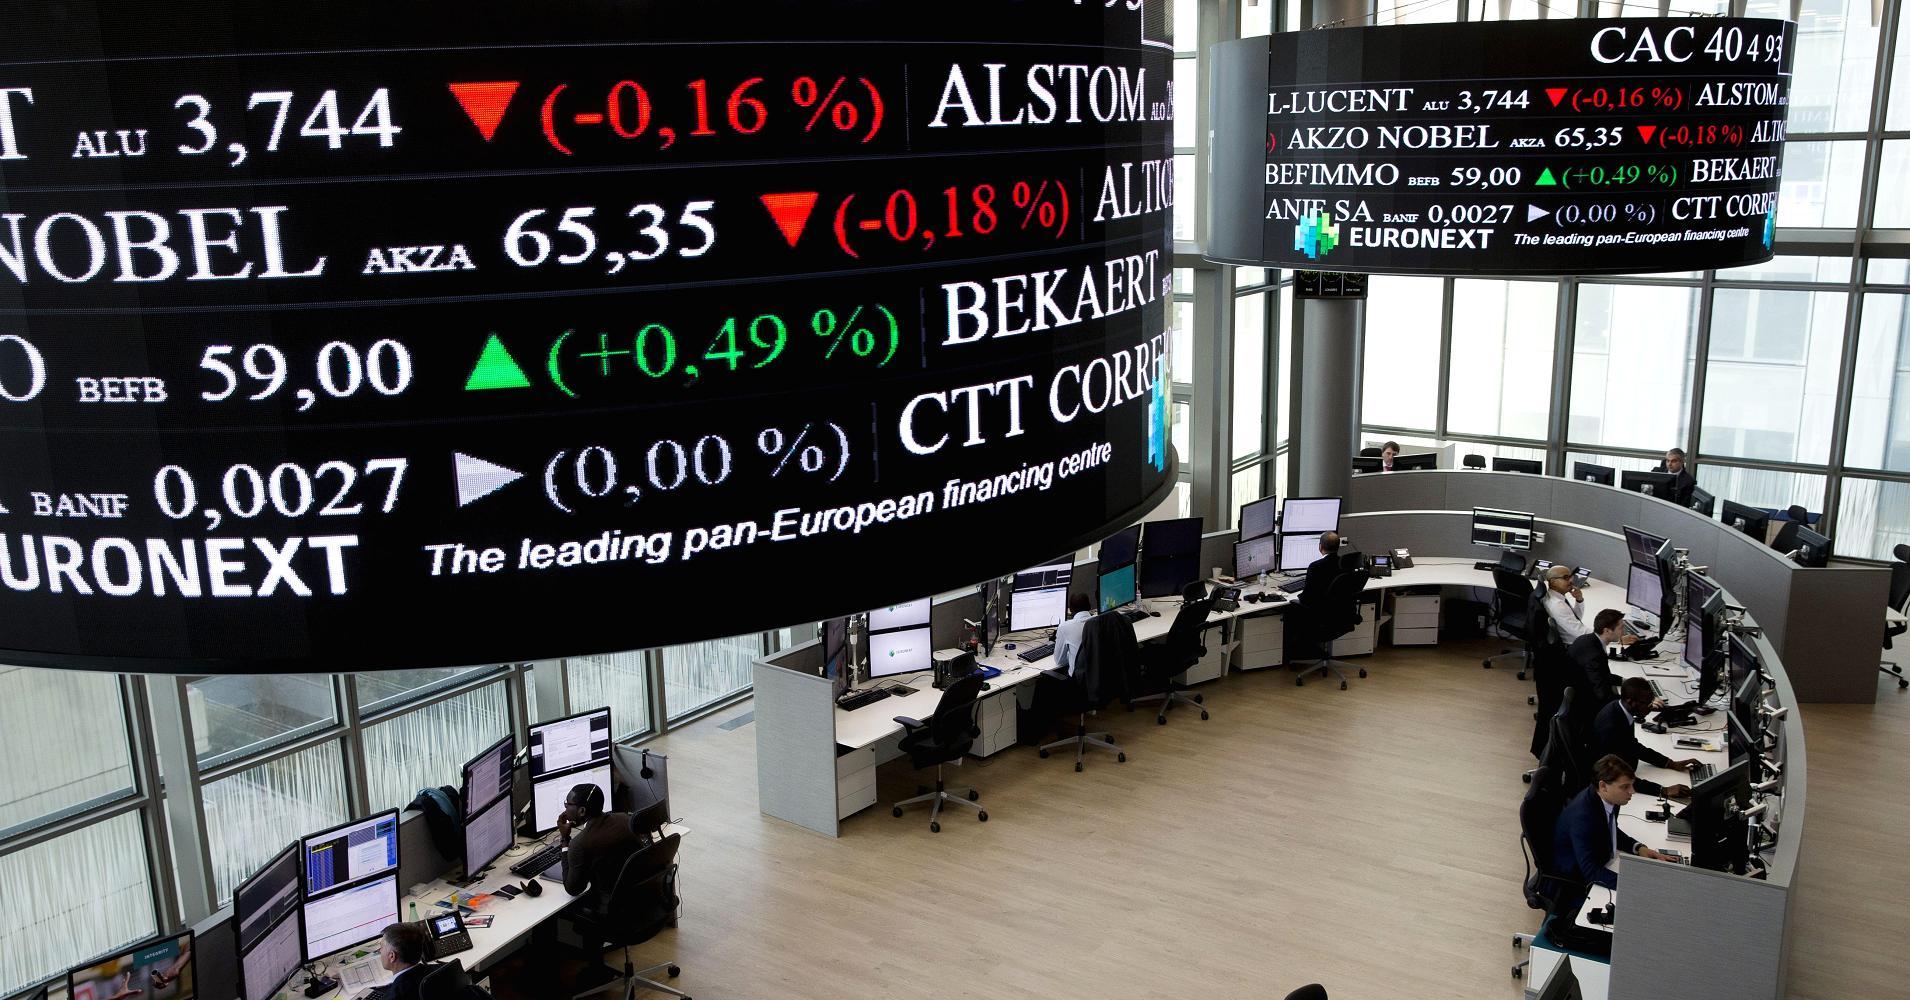 Europe stock market today торговый бот скачать форекс